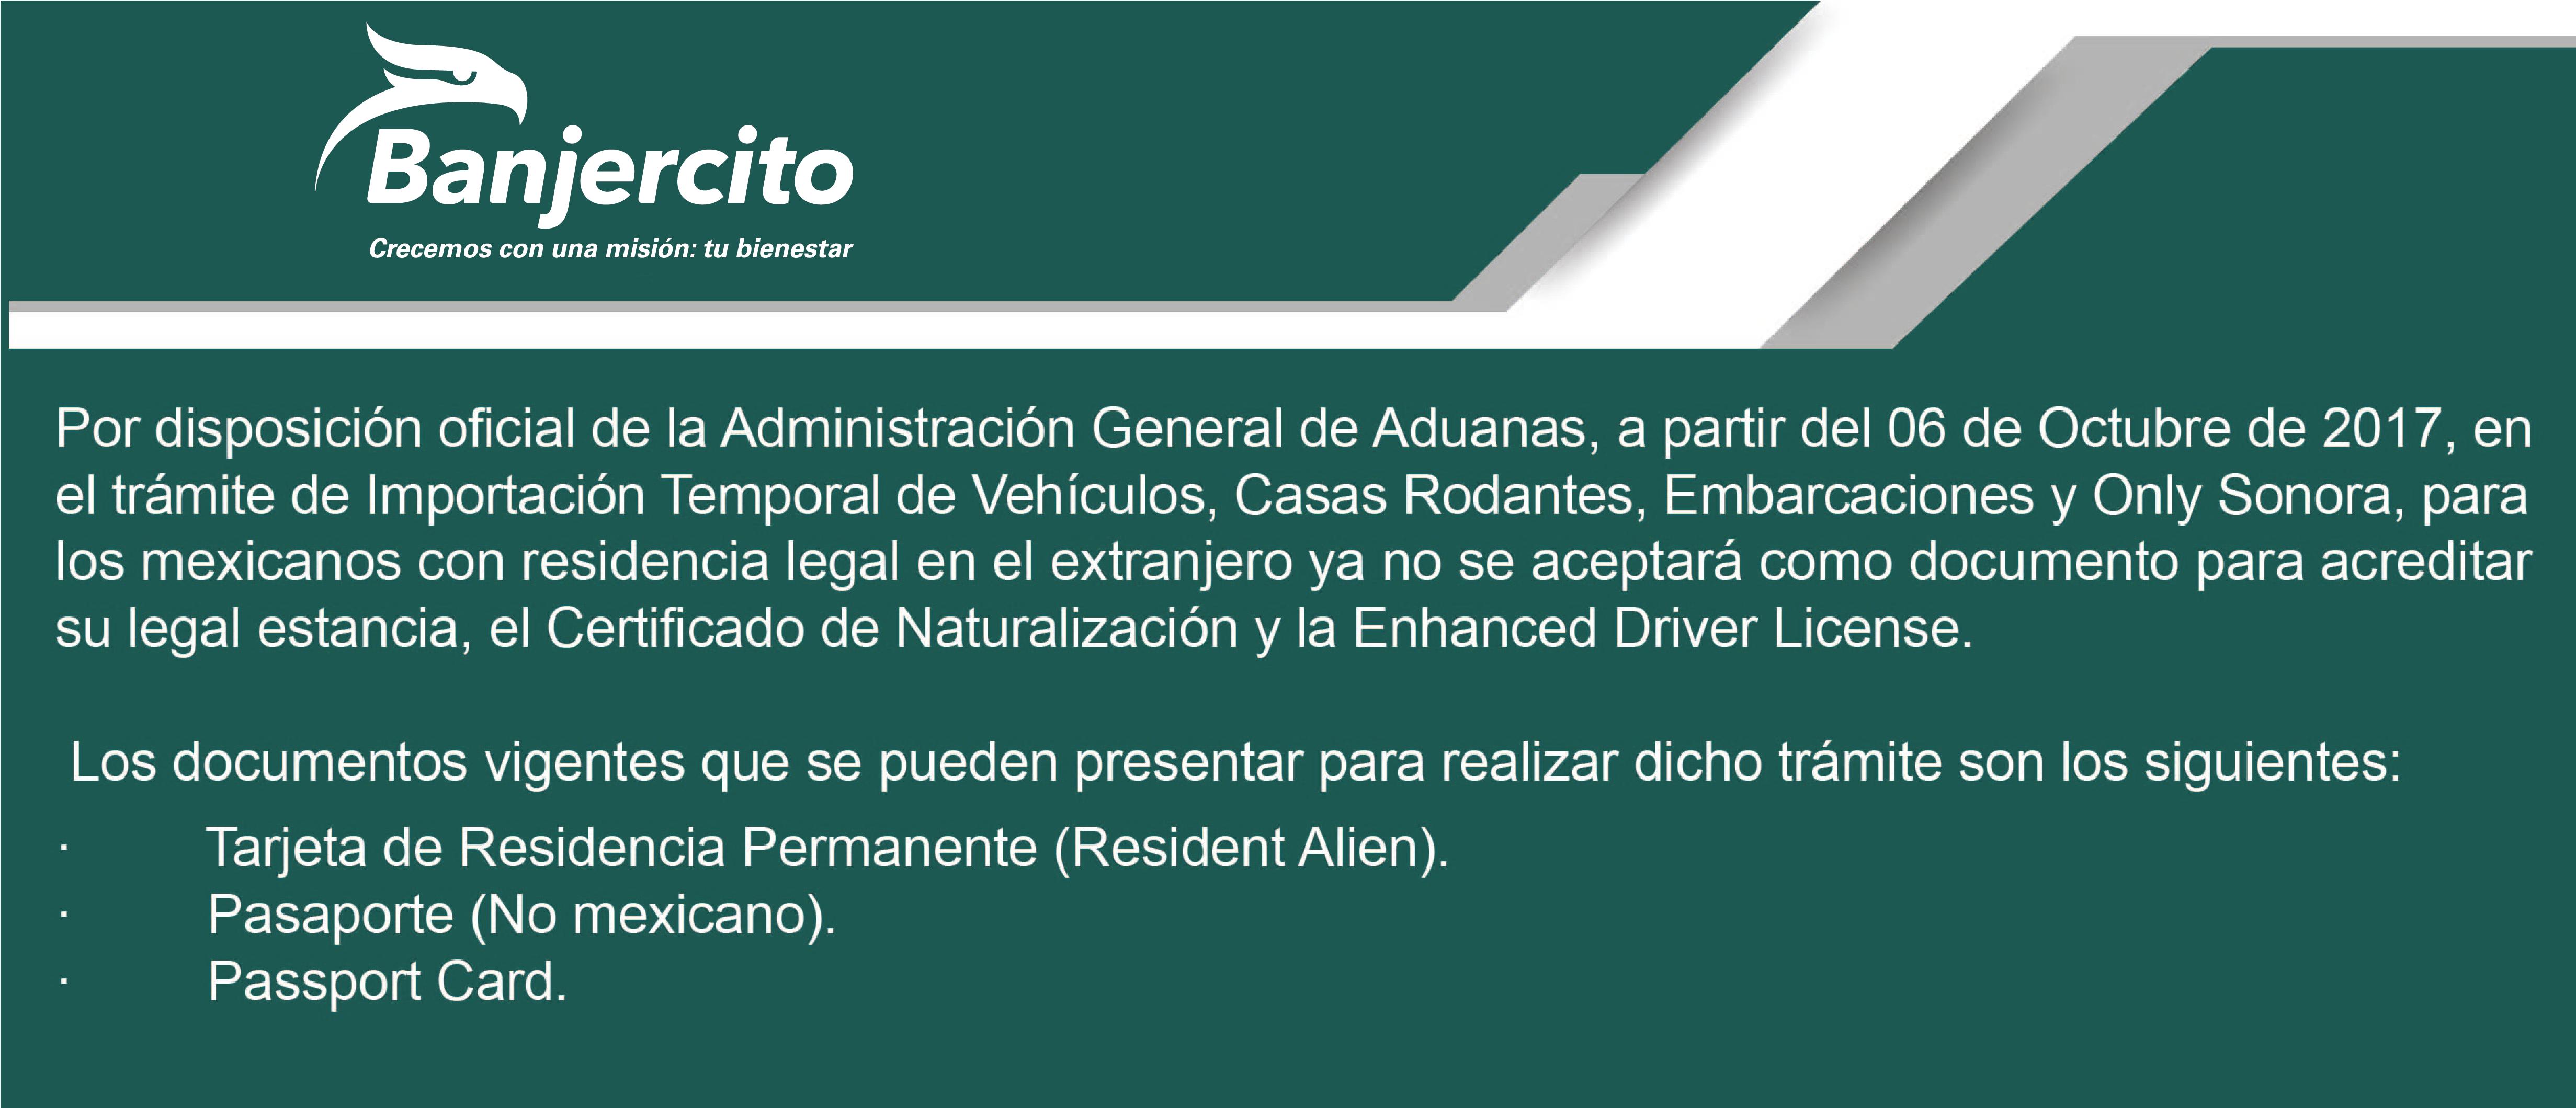 Importación Temporal De Vehículos Banco Nacional Del